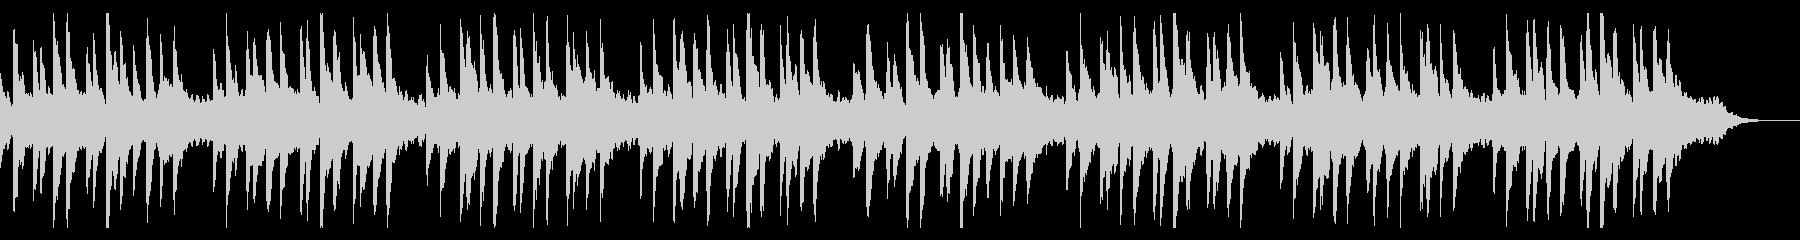 蛍の光 ピアノ  の未再生の波形